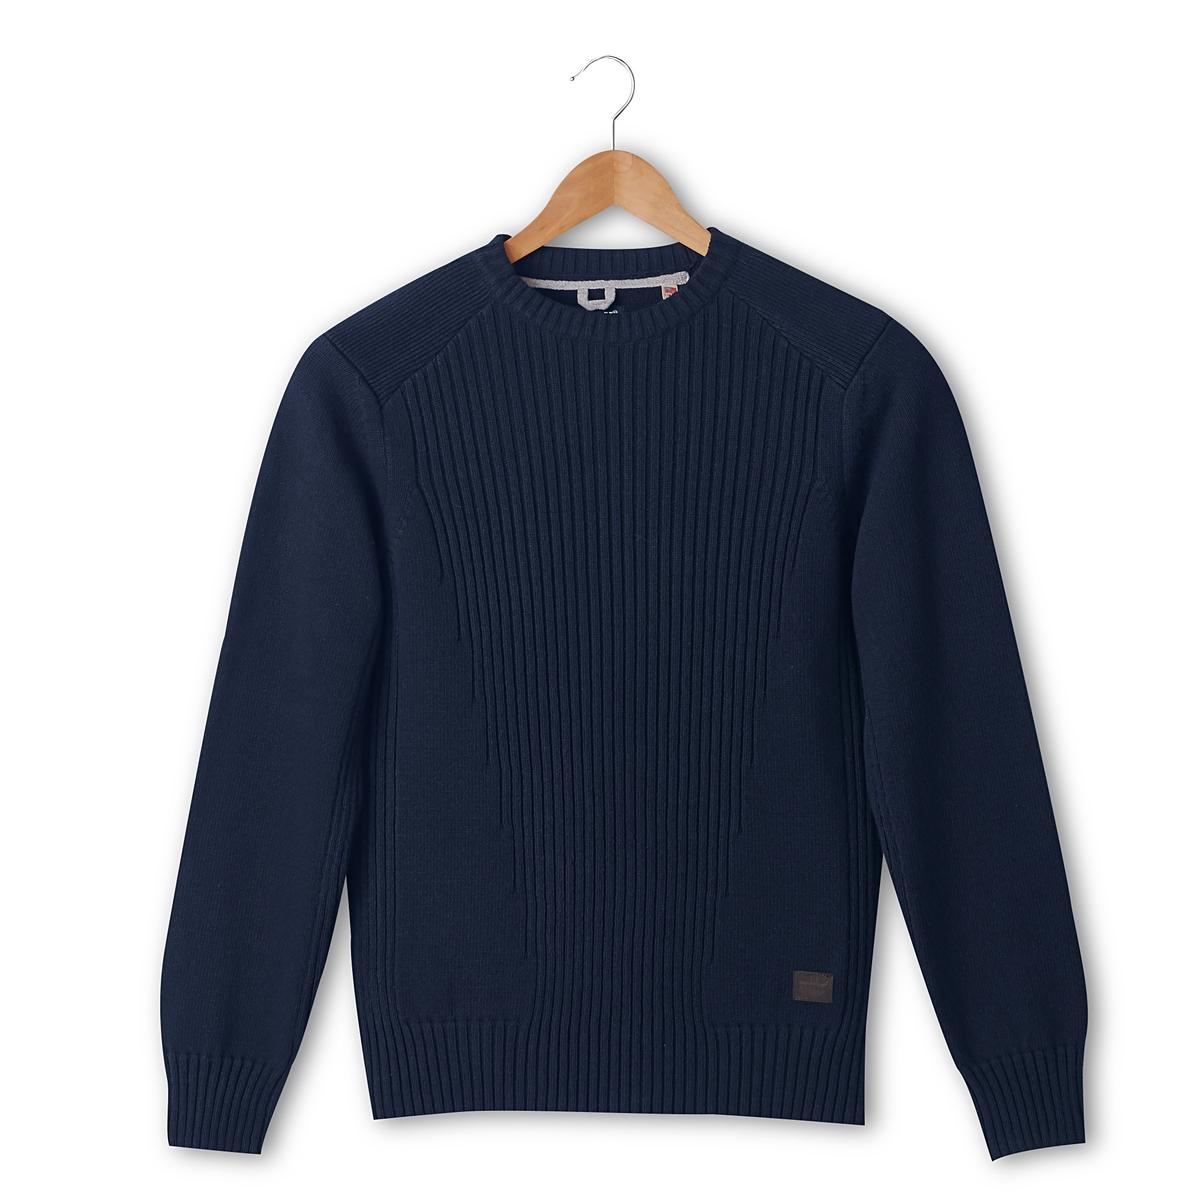 Пуловер классическийДетали •  Длинные рукава  •  Круглый вырез •  Плотный трикотаж Состав и уход •  50% акрила, 50% хлопка •  Следуйте советам по уходу, указанным на этикетке<br><br>Цвет: синий морской,черный